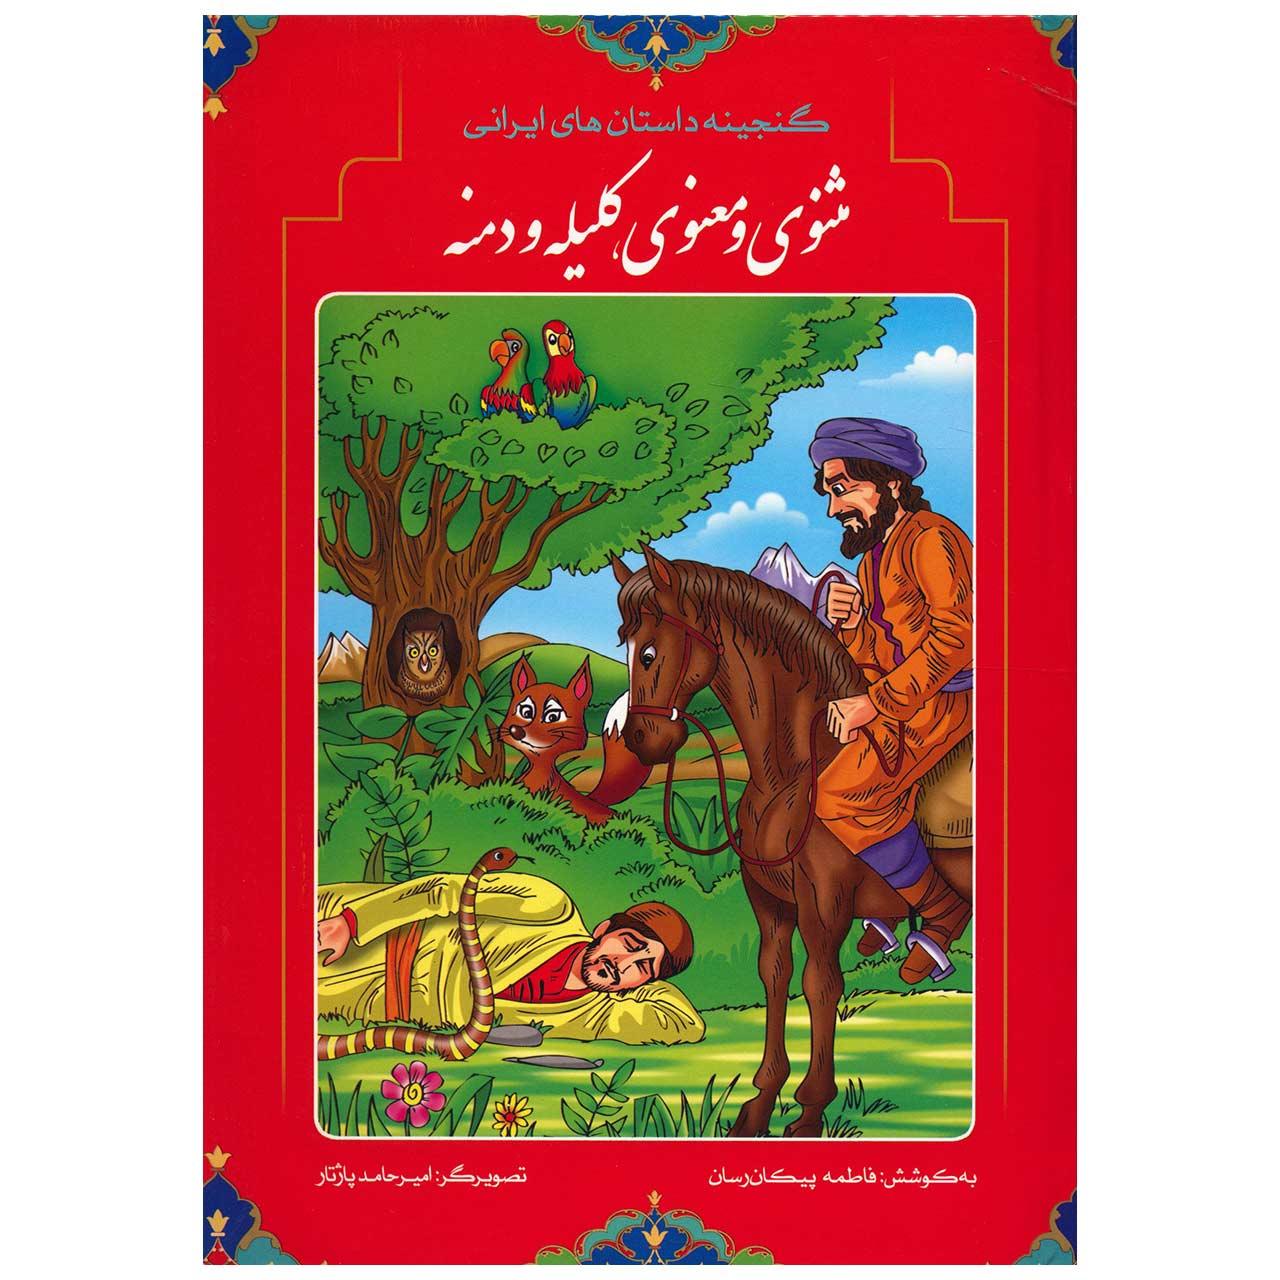 کتاب گنجینه داستان های ایرانی مثنوی معنوی و کلیله و دمنه اثر فاطمه پیکان رسان